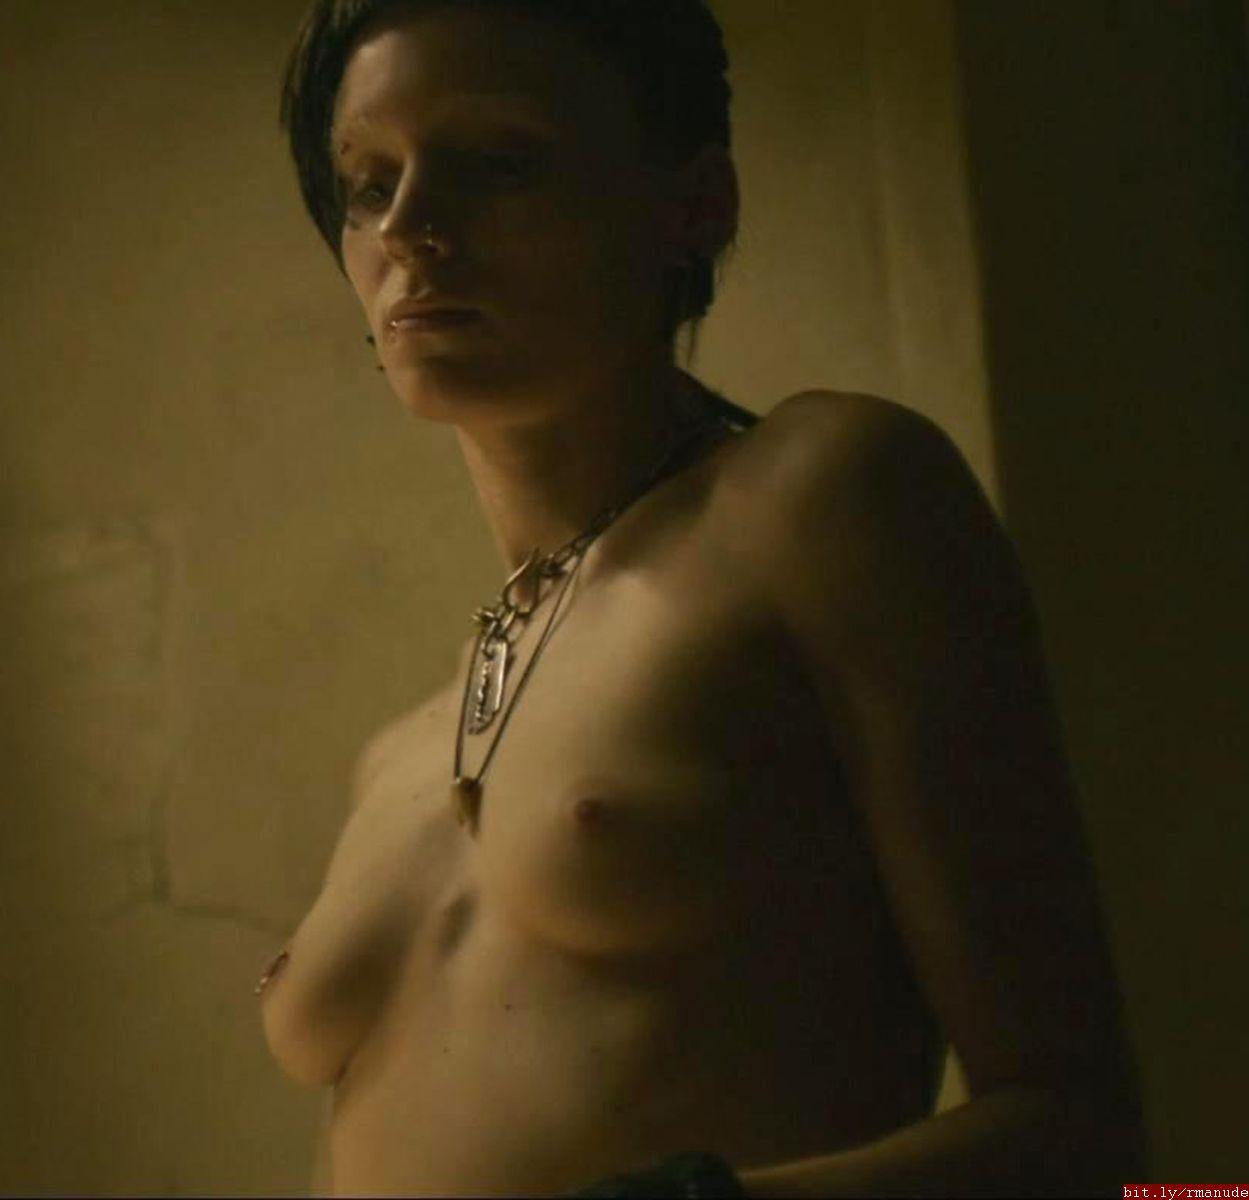 Shall nude nina kate tattoos easier tell